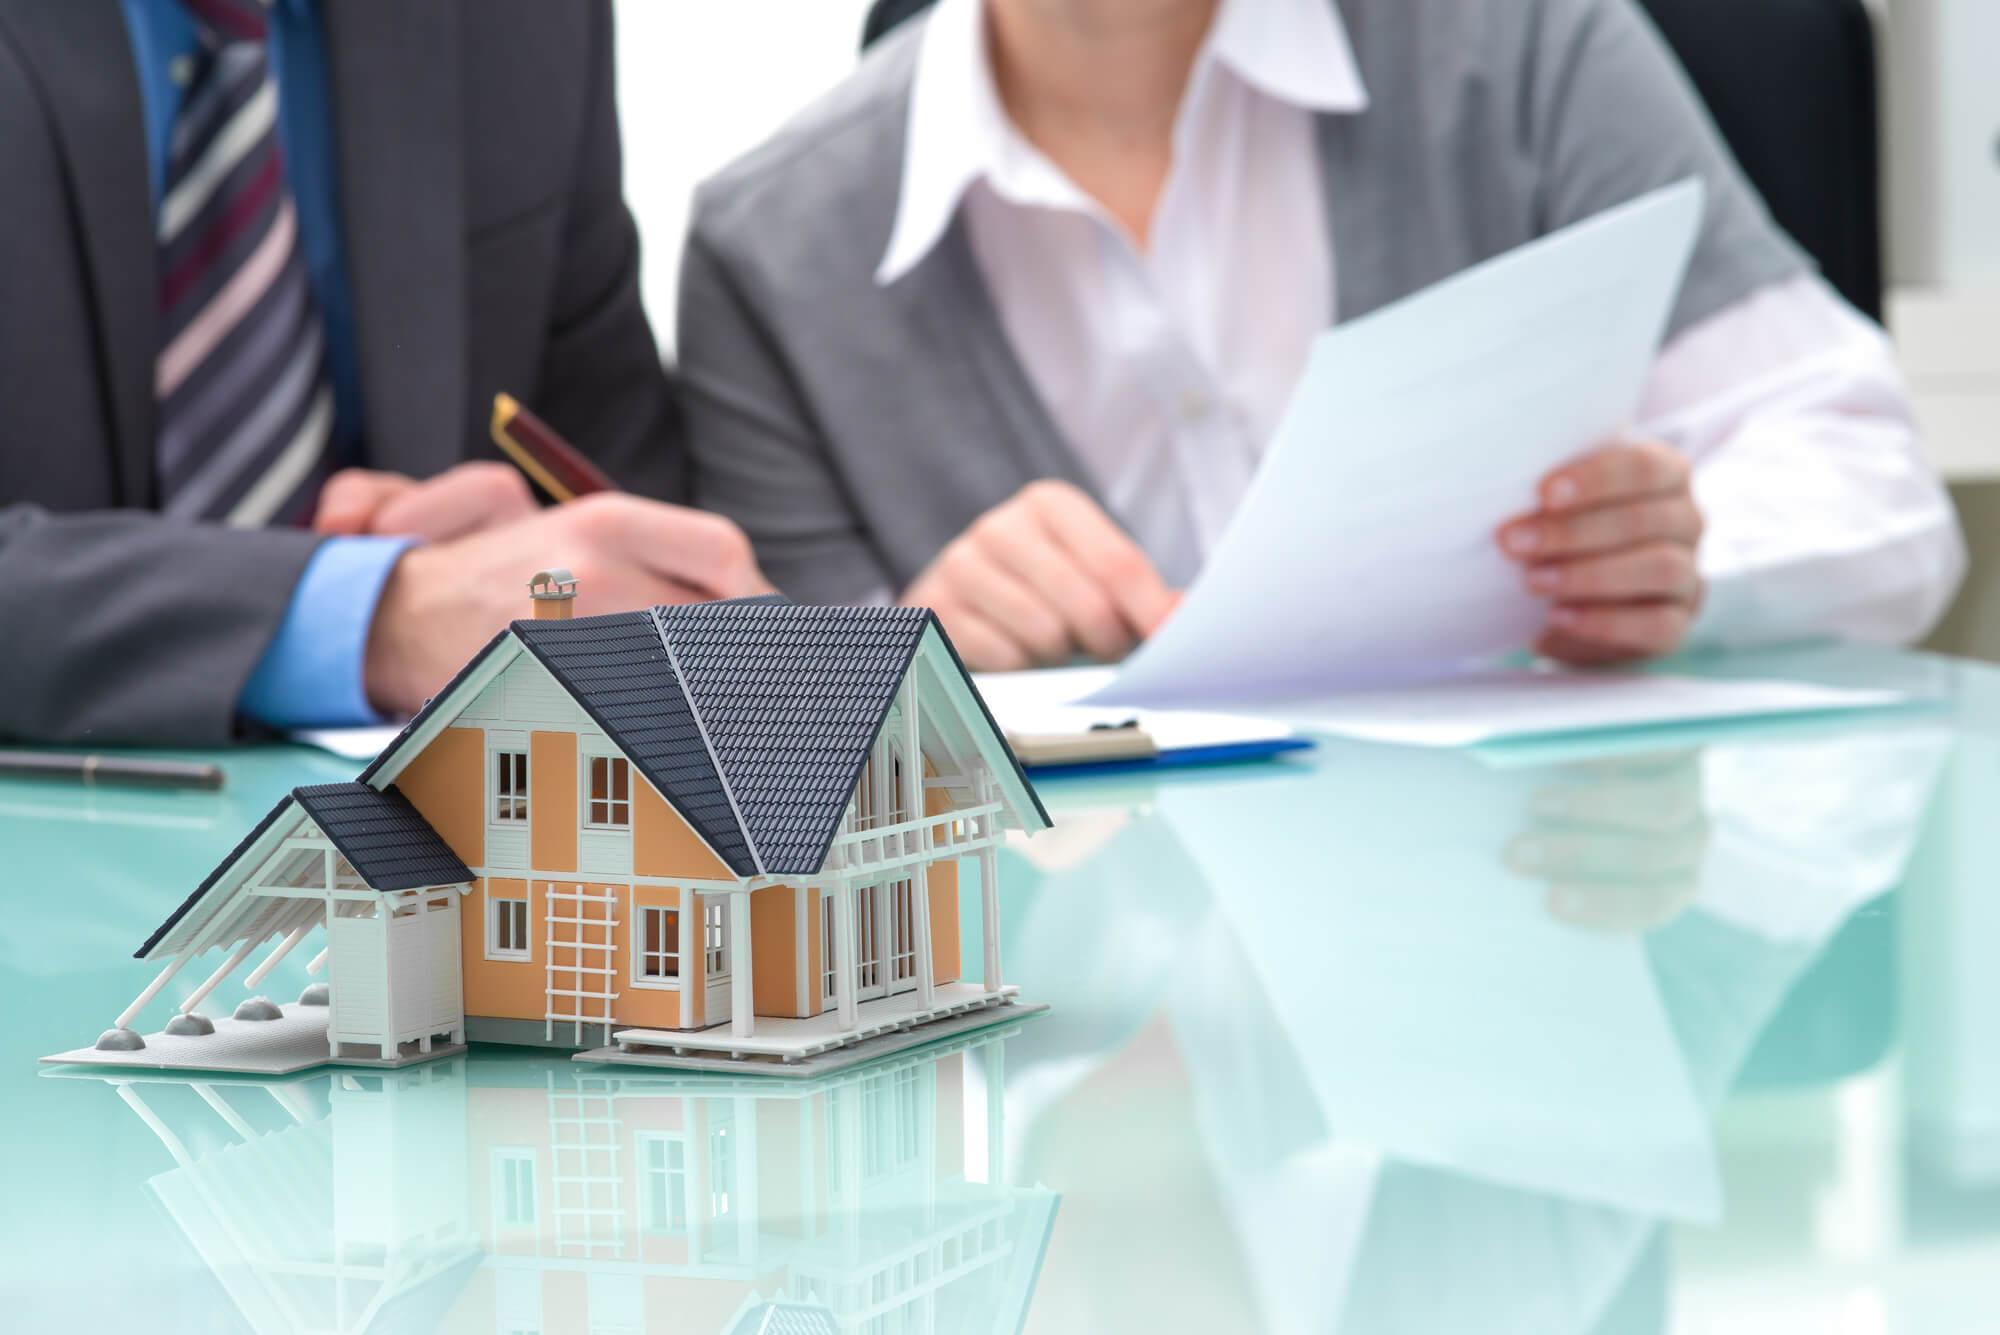 Как избежать рисков при покупке недвижимости?